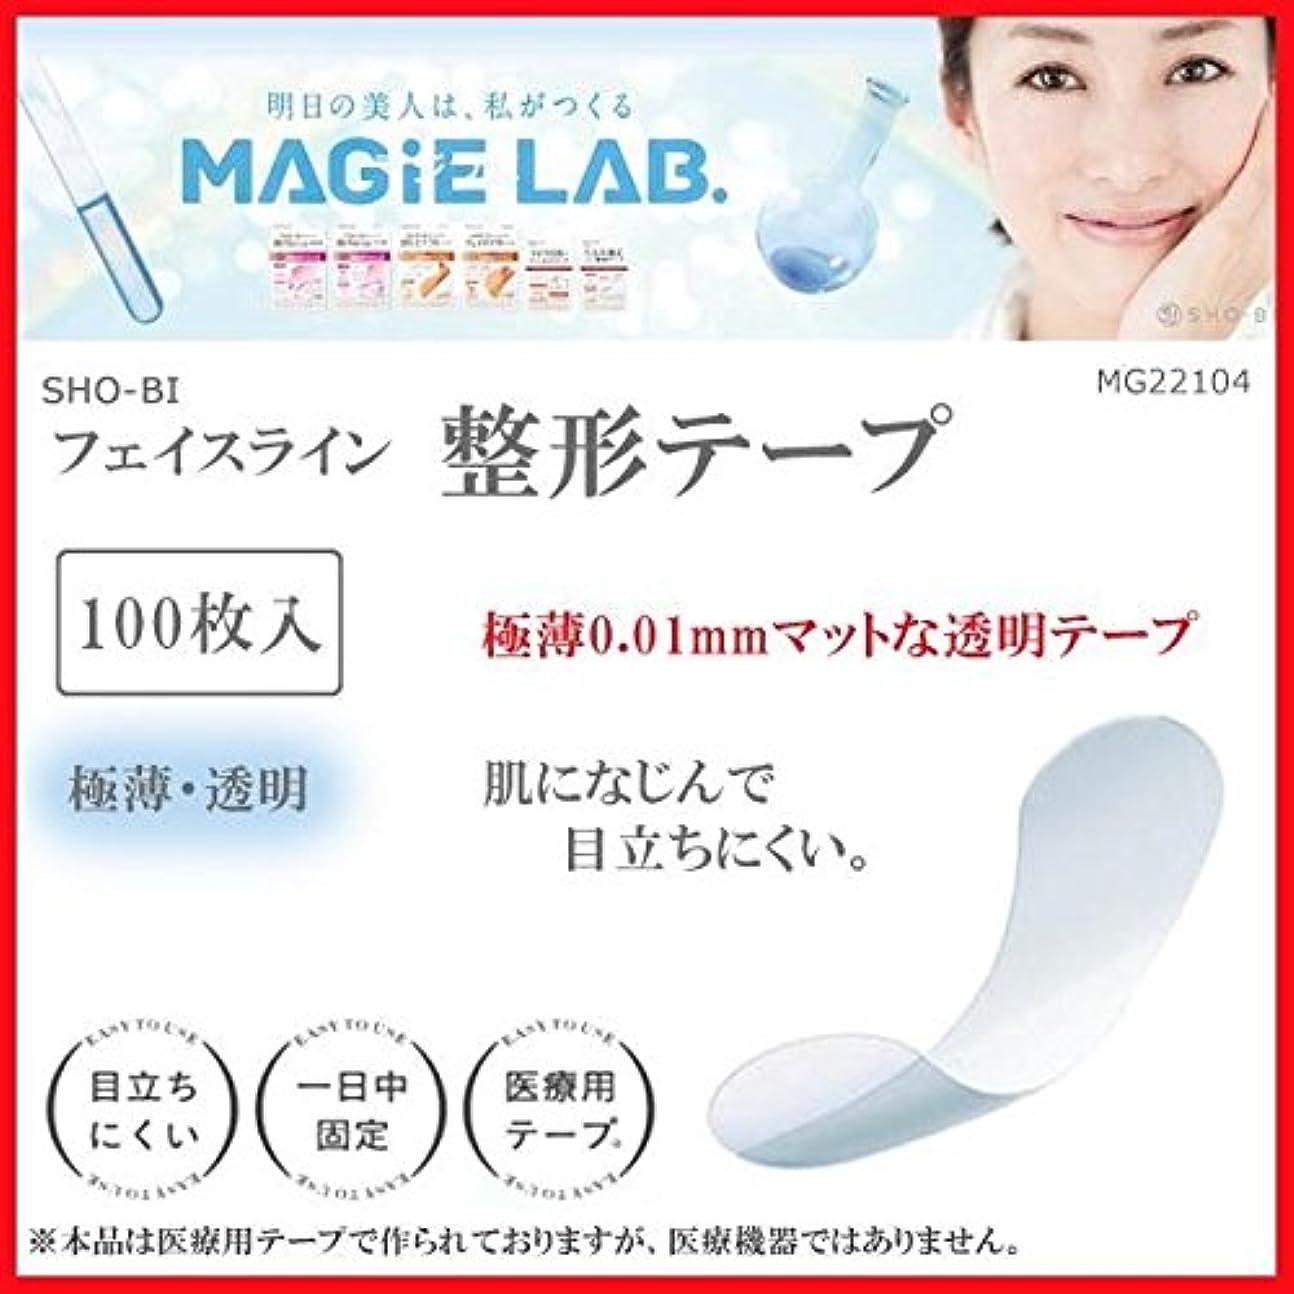 無限大義務づける藤色SHO-BI MAGiE LAB.(マジラボ) フェイスライン整形テープ 100枚入 MG22104